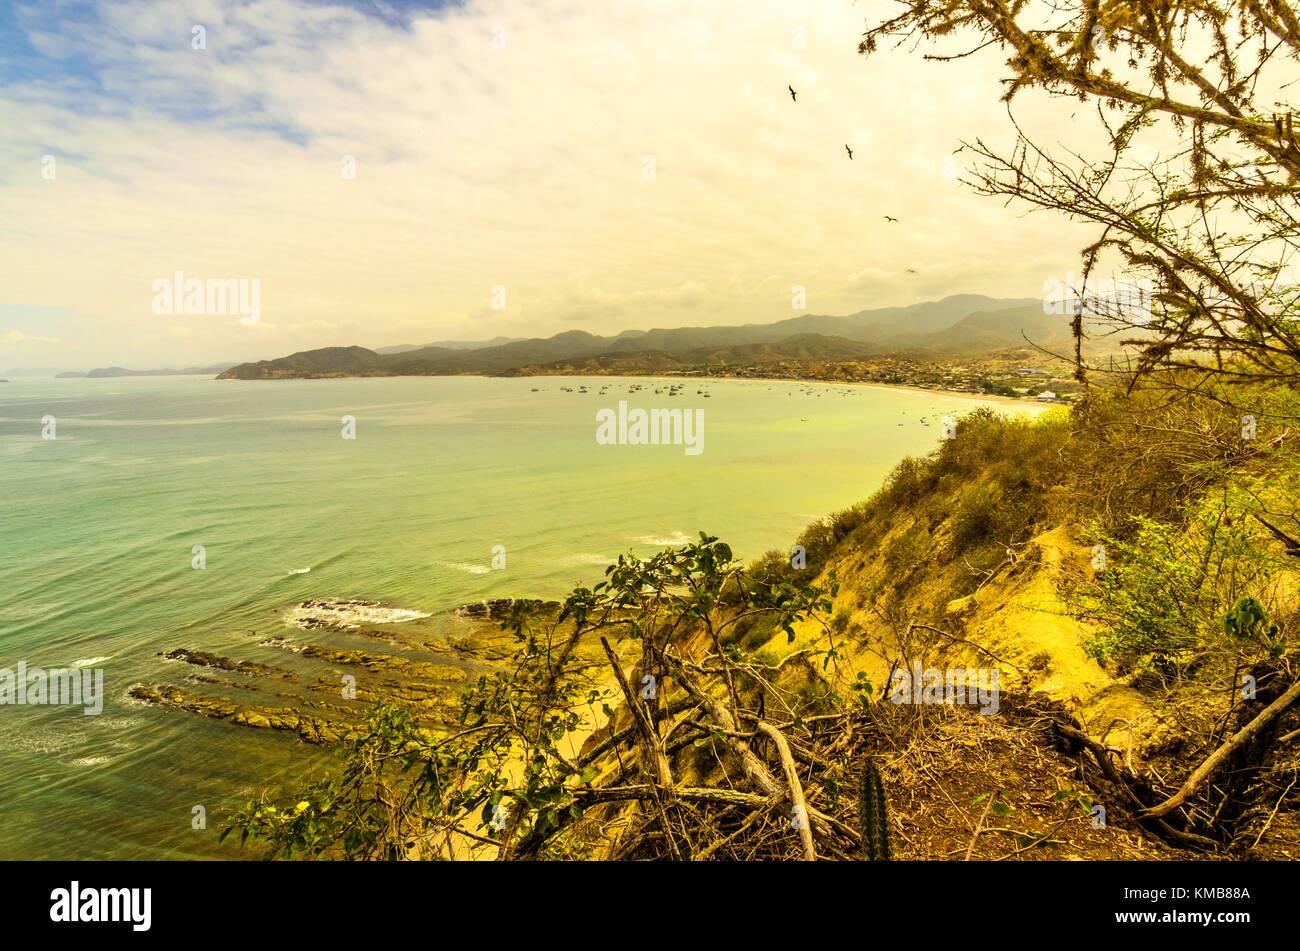 Vista del Pacífico en el estado de Manabí, Ecuador, Parque Nacional Machalilla. Foto de stock